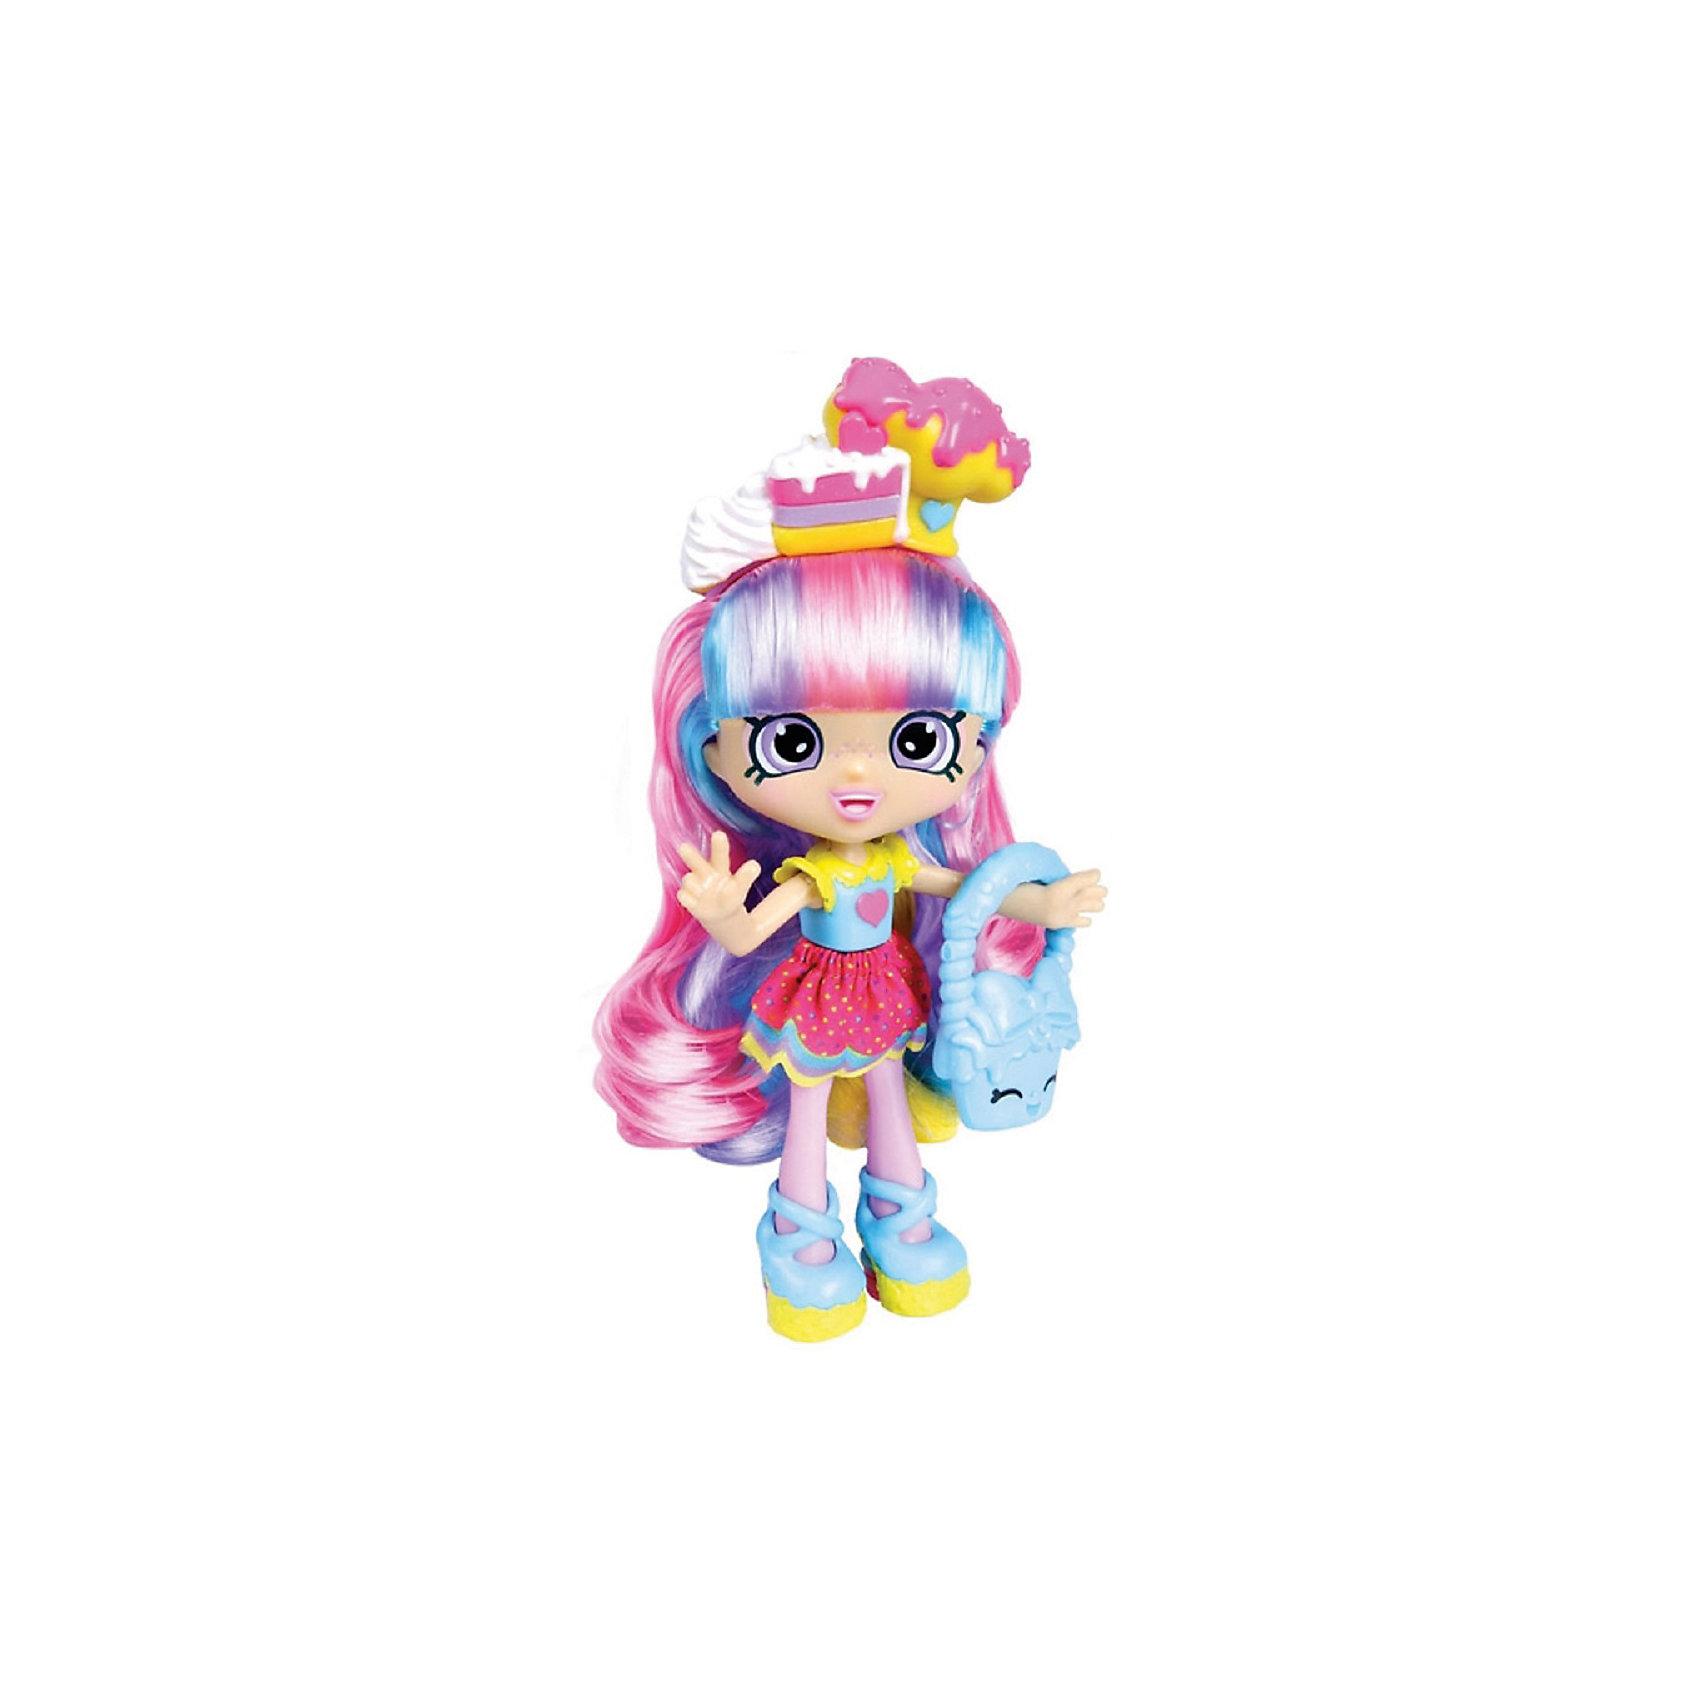 Кукла Радужная Кэти с аксессуарами, ShopkinsШопкинс - это любимые герои многих современных детей! Кукла в виде героини из одноименного мультфильма Радужной Кэти обязательно порадует ребенка, тем более, что она дополнена стильным нарядом и аксессуарами.<br>Такие игрушки способствуют развитию мелкой моторики, мышления и социальных навыков. Также куклы помогают девочкам научиться ухаживать за собой и за другими. Сделана из материалов, безопасных для детей.<br><br>Дополнительная информация:<br><br>комплектация: кукла, сумочка, 2 эксклюзивных Shopkins, расческа, VIP карточка и подставка для куклы;<br>рекомендуемый возраст: от трех лет;<br>материал: полимер.<br><br>Куклу Радужная Кэти с аксессуарами от бренда Shopkins (Шопкинс) можно купить в нашем интернет-магазине.<br><br>Ширина мм: 68<br>Глубина мм: 170<br>Высота мм: 250<br>Вес г: 250<br>Возраст от месяцев: 36<br>Возраст до месяцев: 120<br>Пол: Женский<br>Возраст: Детский<br>SKU: 5055353